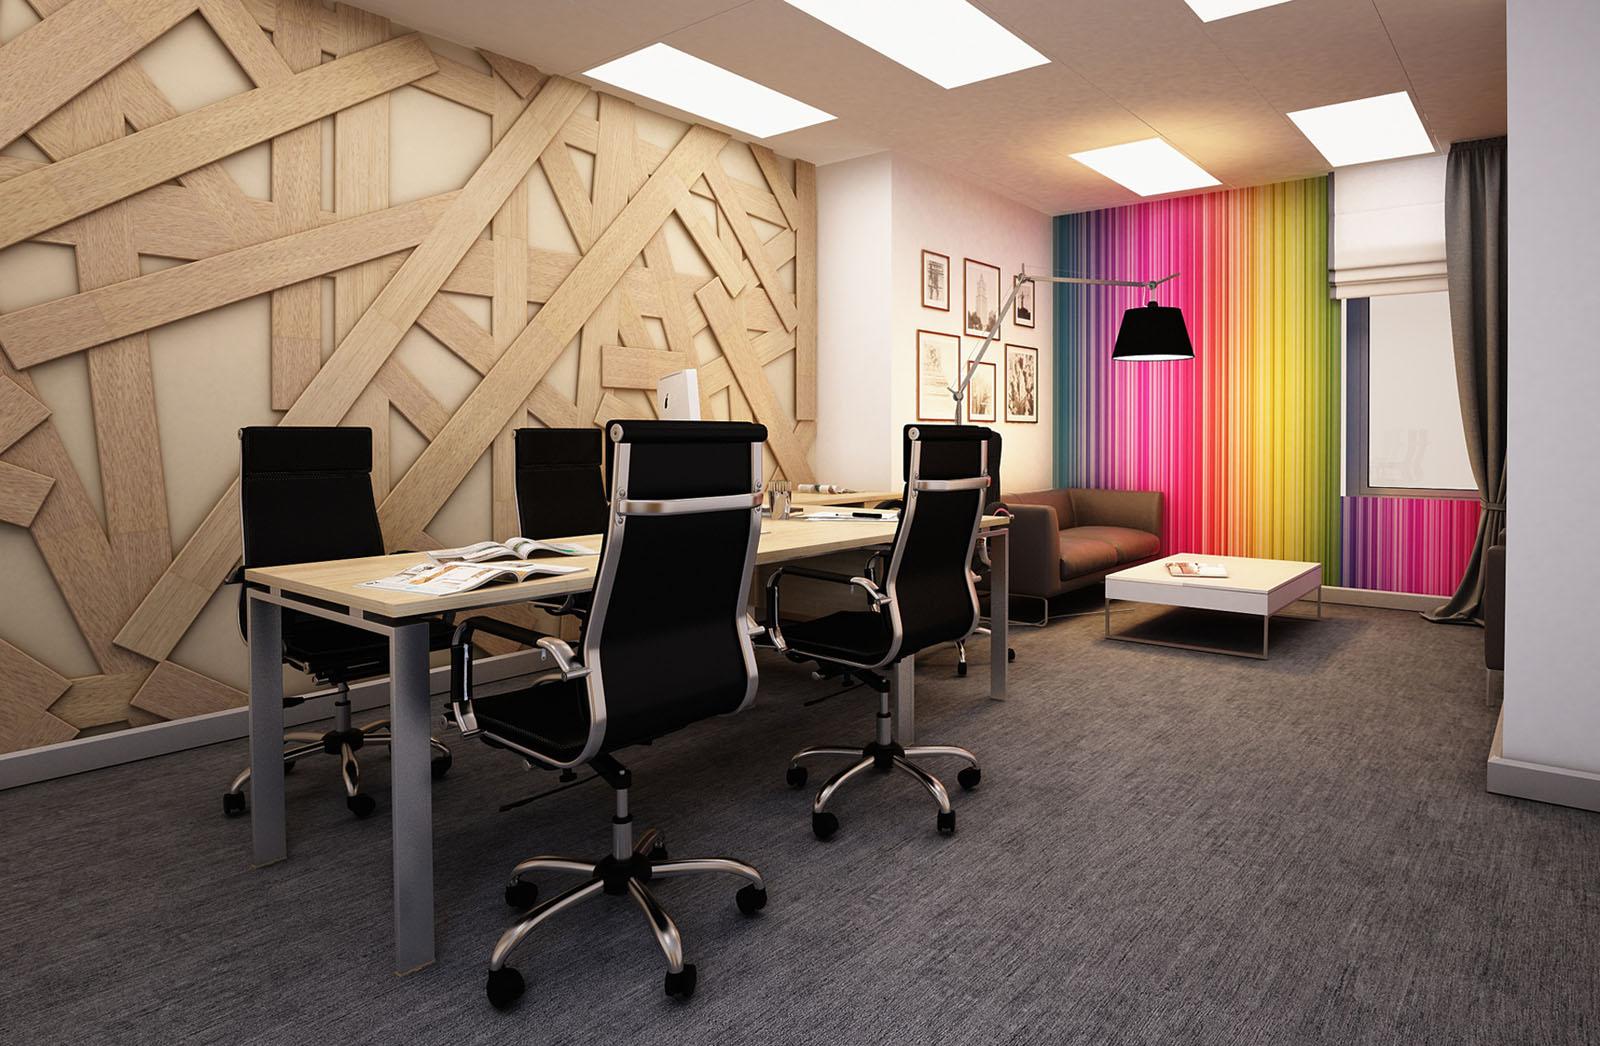 Les éléments lumineux pour le bureau seront populaires en 2018